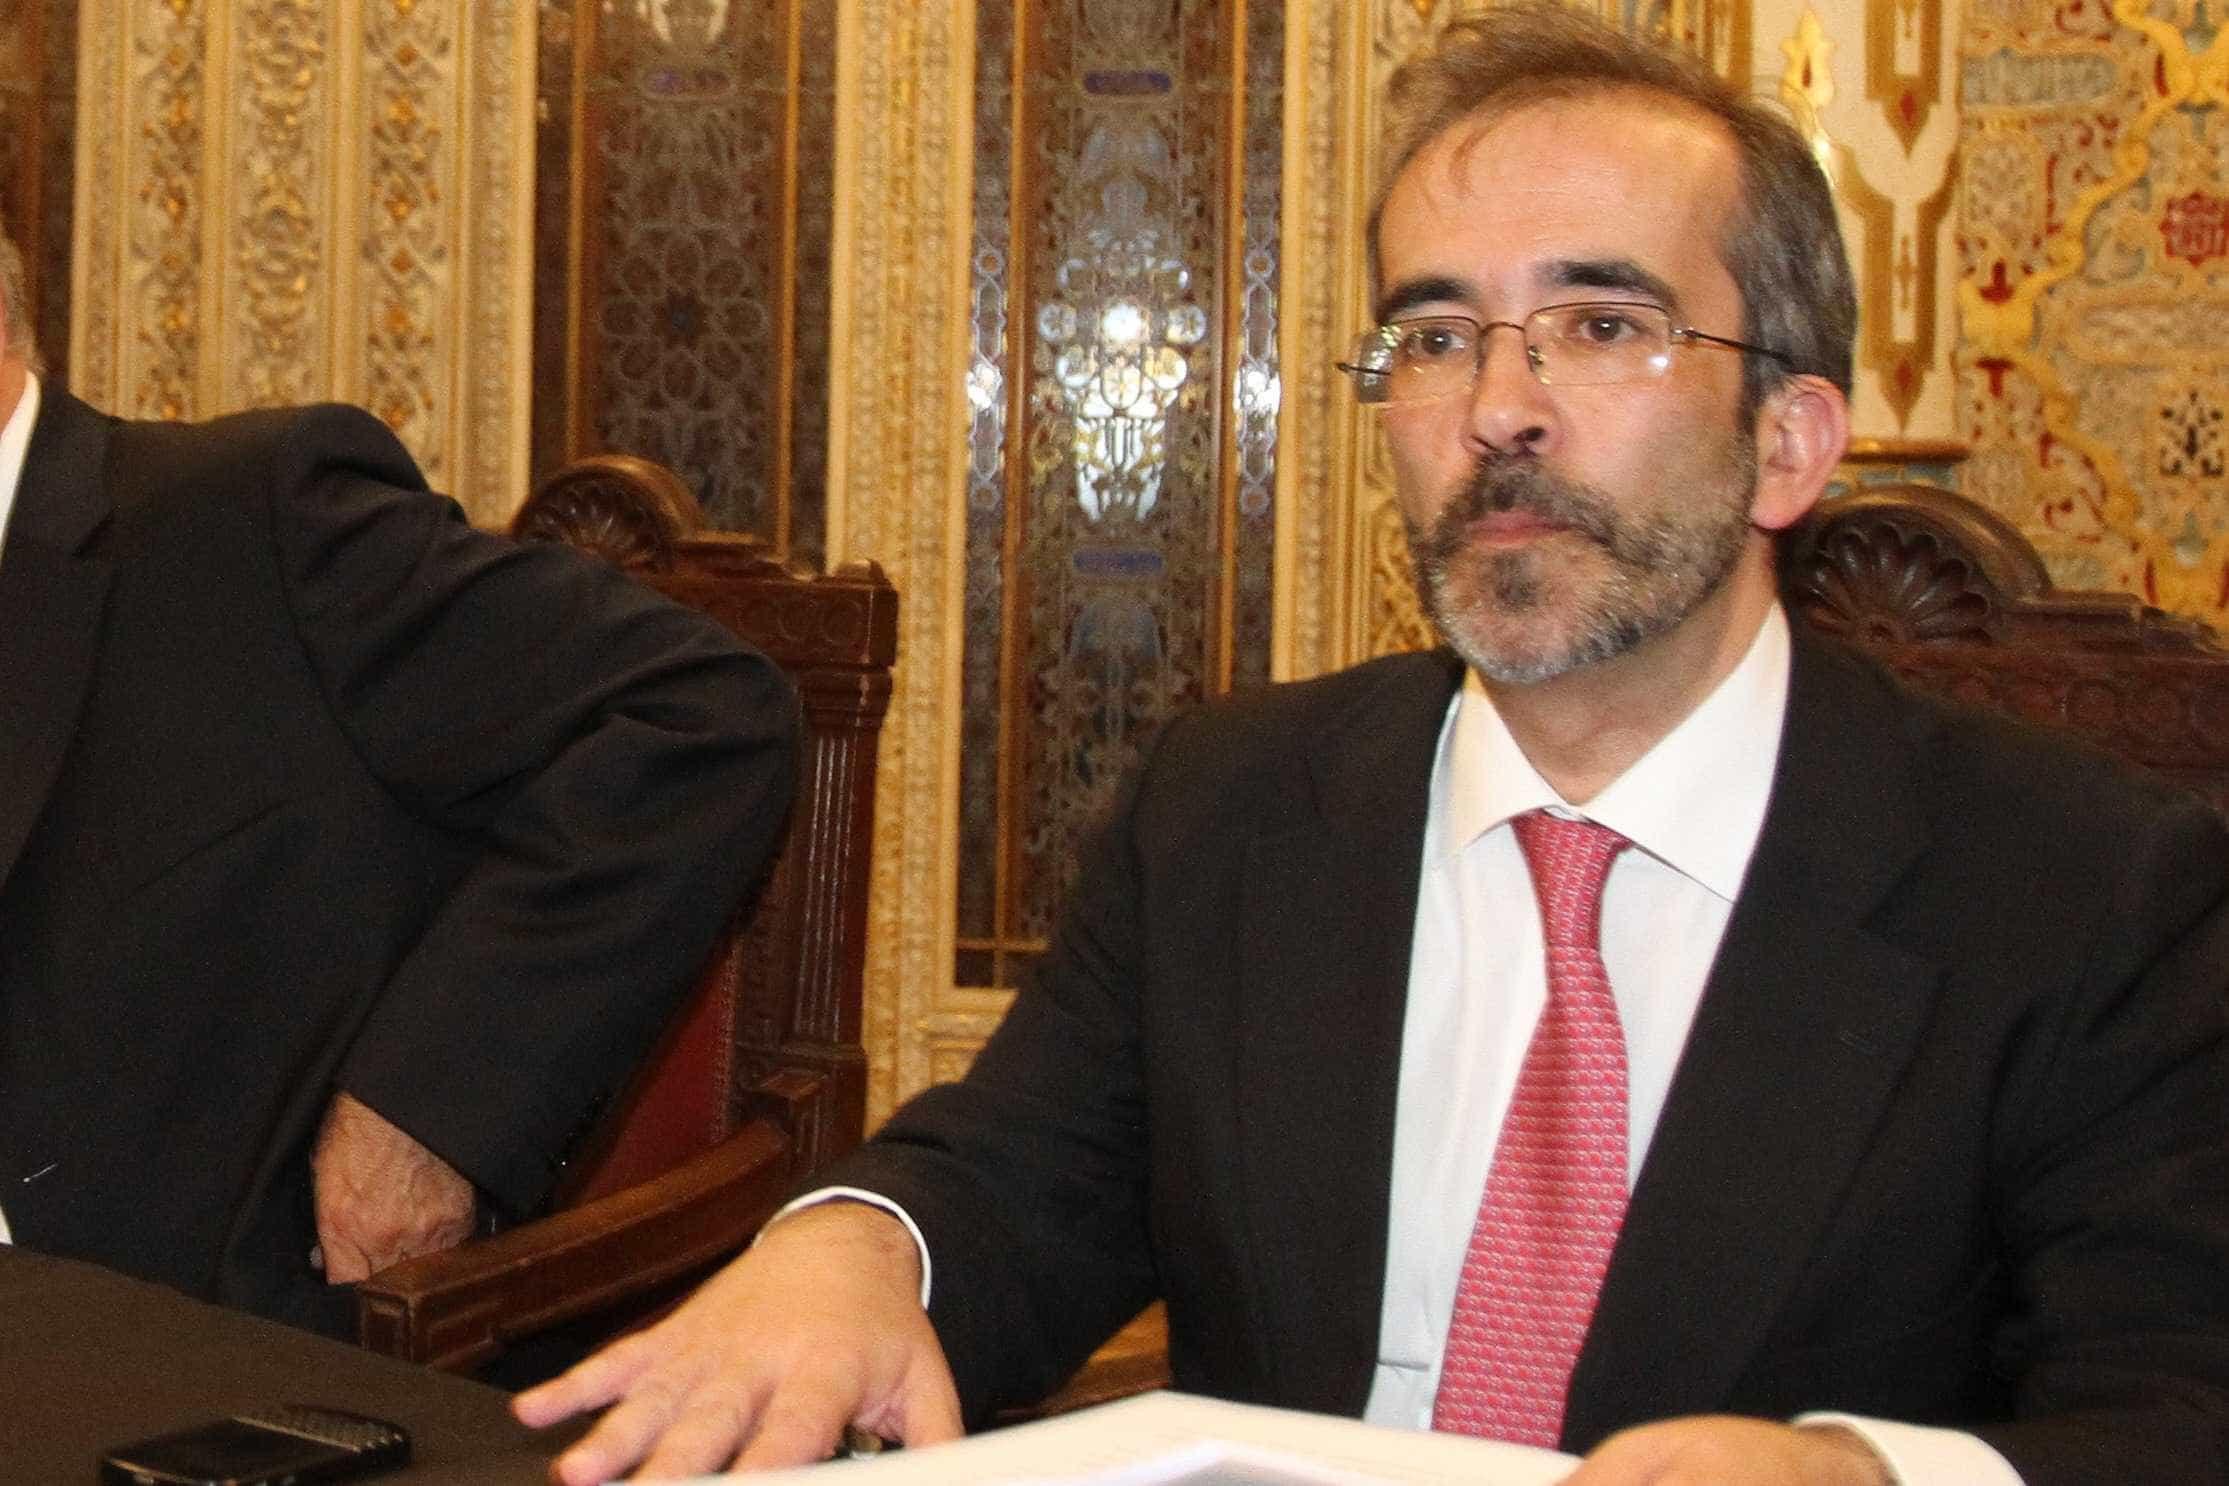 """Lista do PSD às europeias é """"de longe a melhor"""", acredita Rangel"""